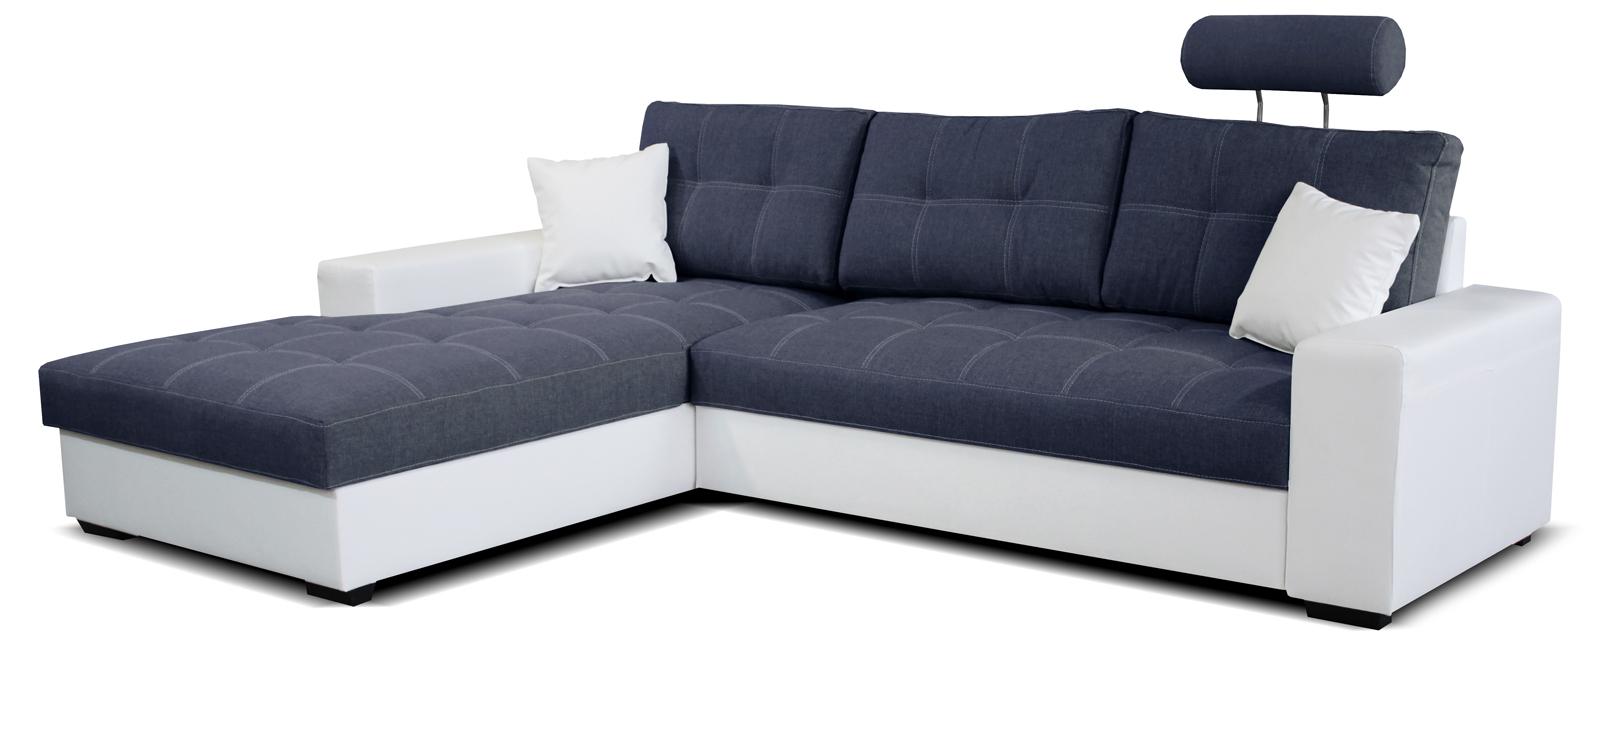 Rohová sedací souprava - Po-Sed - Corato L+2F (modrá + bílá) (L)